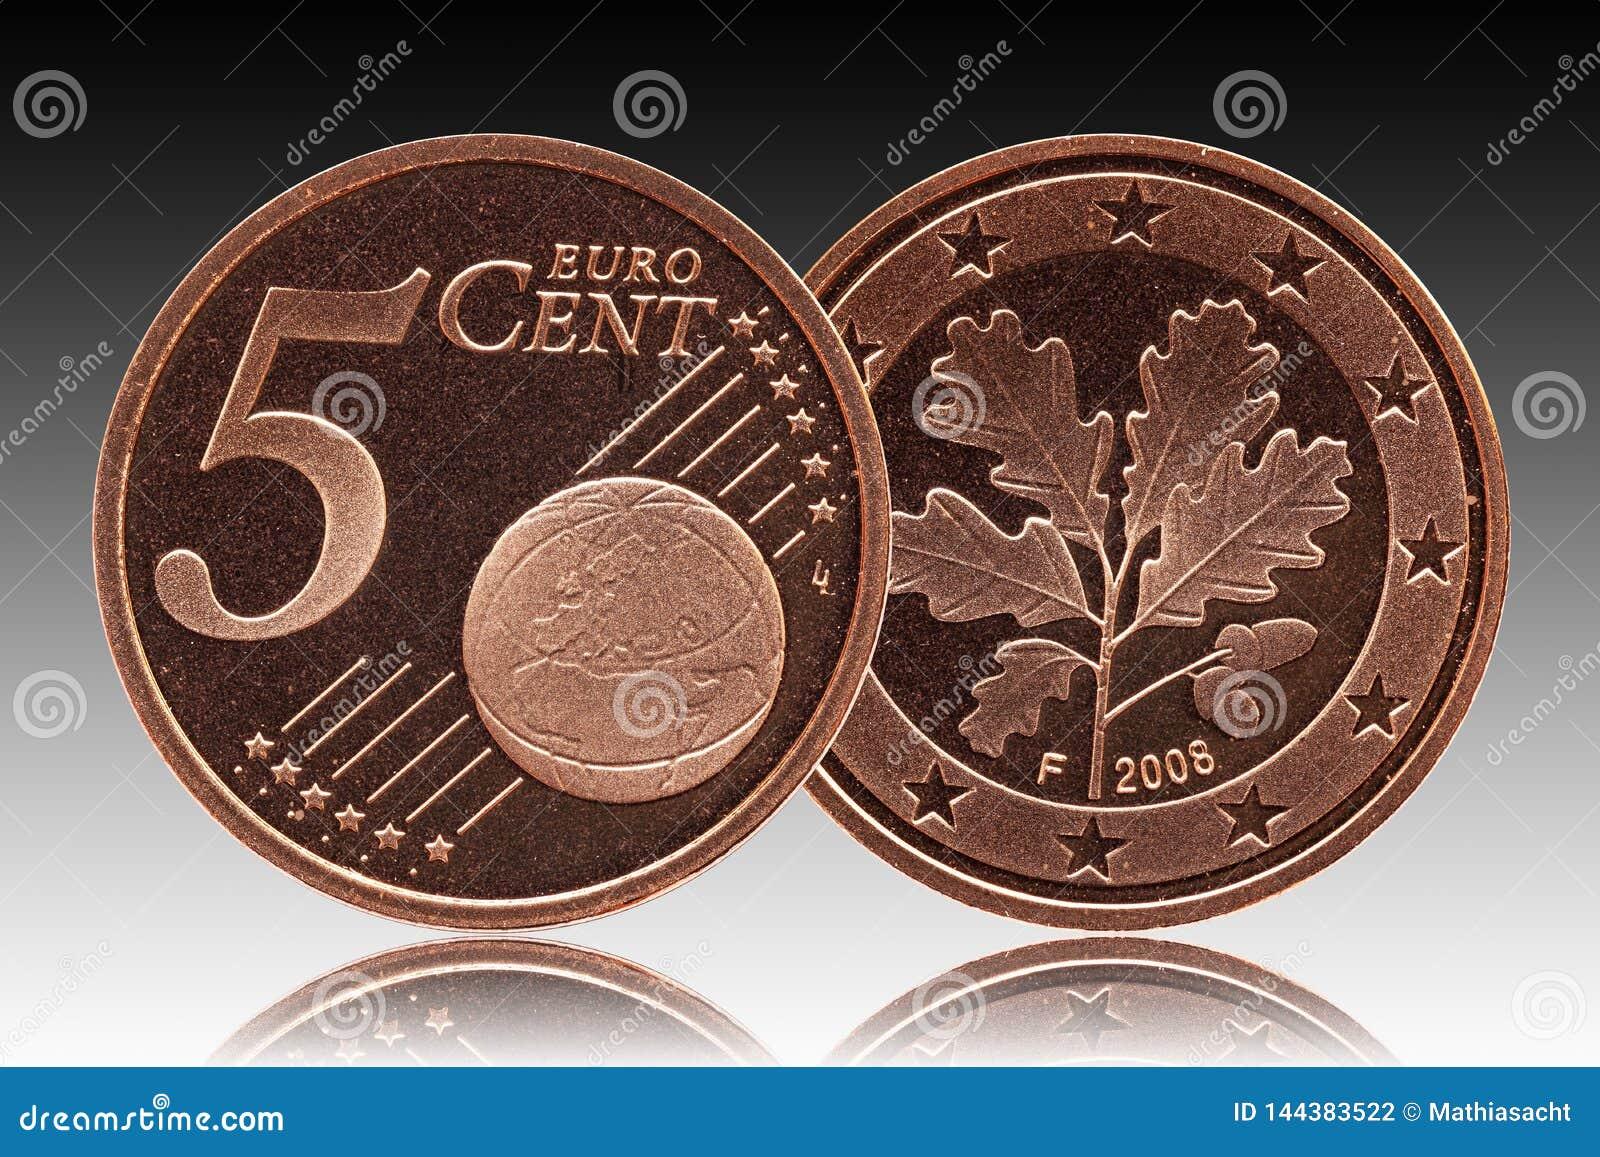 Het Duitse muntstuk van vijf eurocentduitsland, voorkant 5 en wereldbol, achtereind eiken blad